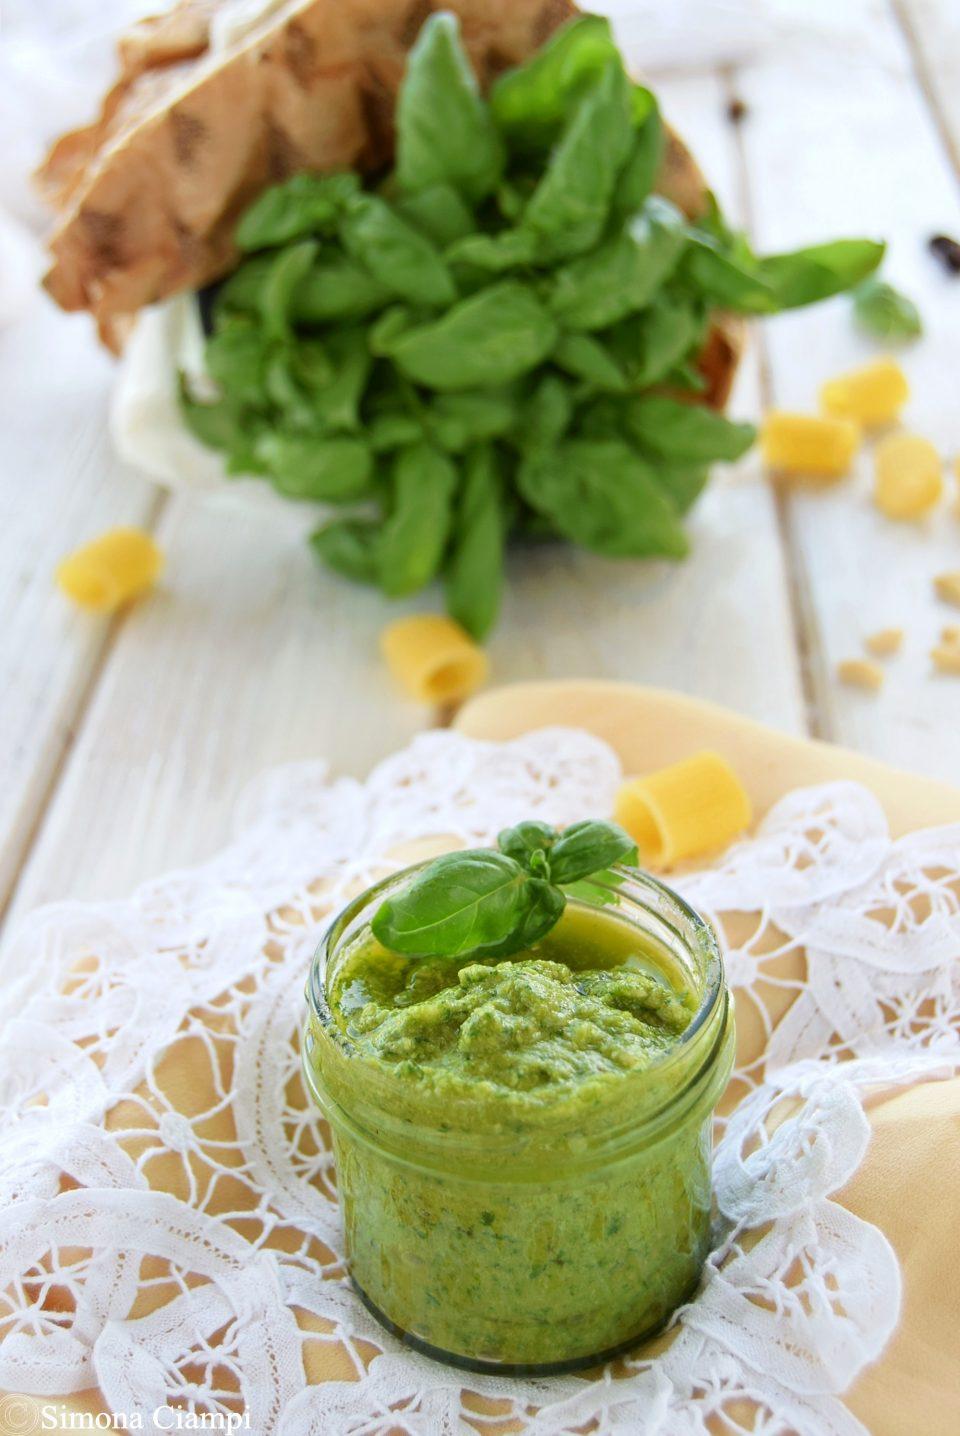 Ricetta Pesto Verde Chiaro.Come Fare Il Pesto Genovese Bello Verde Lapasticceramatta